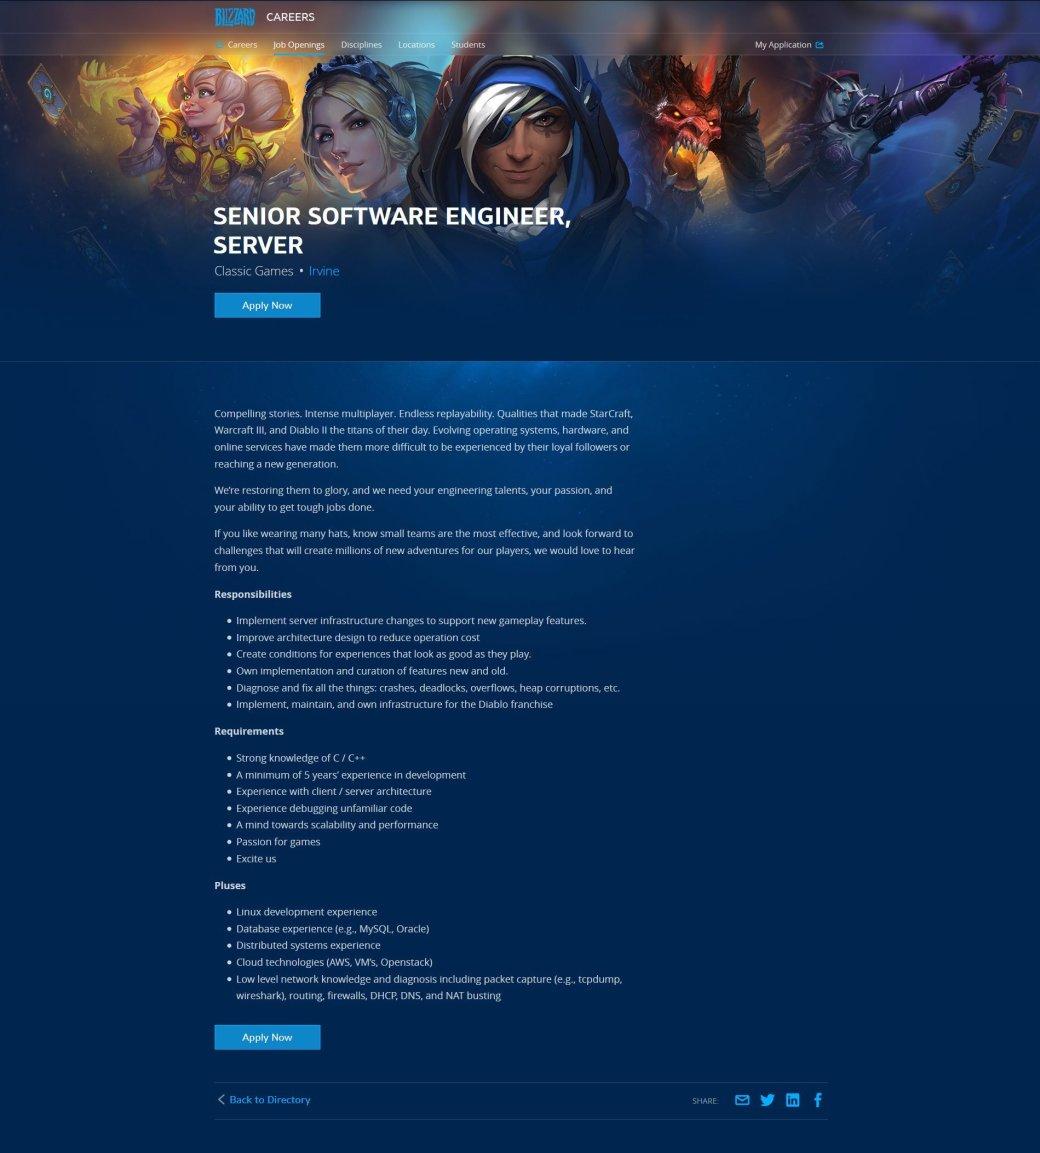 Слух: Blizzardделает ремастеры Warcraft III иDiablo II. - Изображение 2